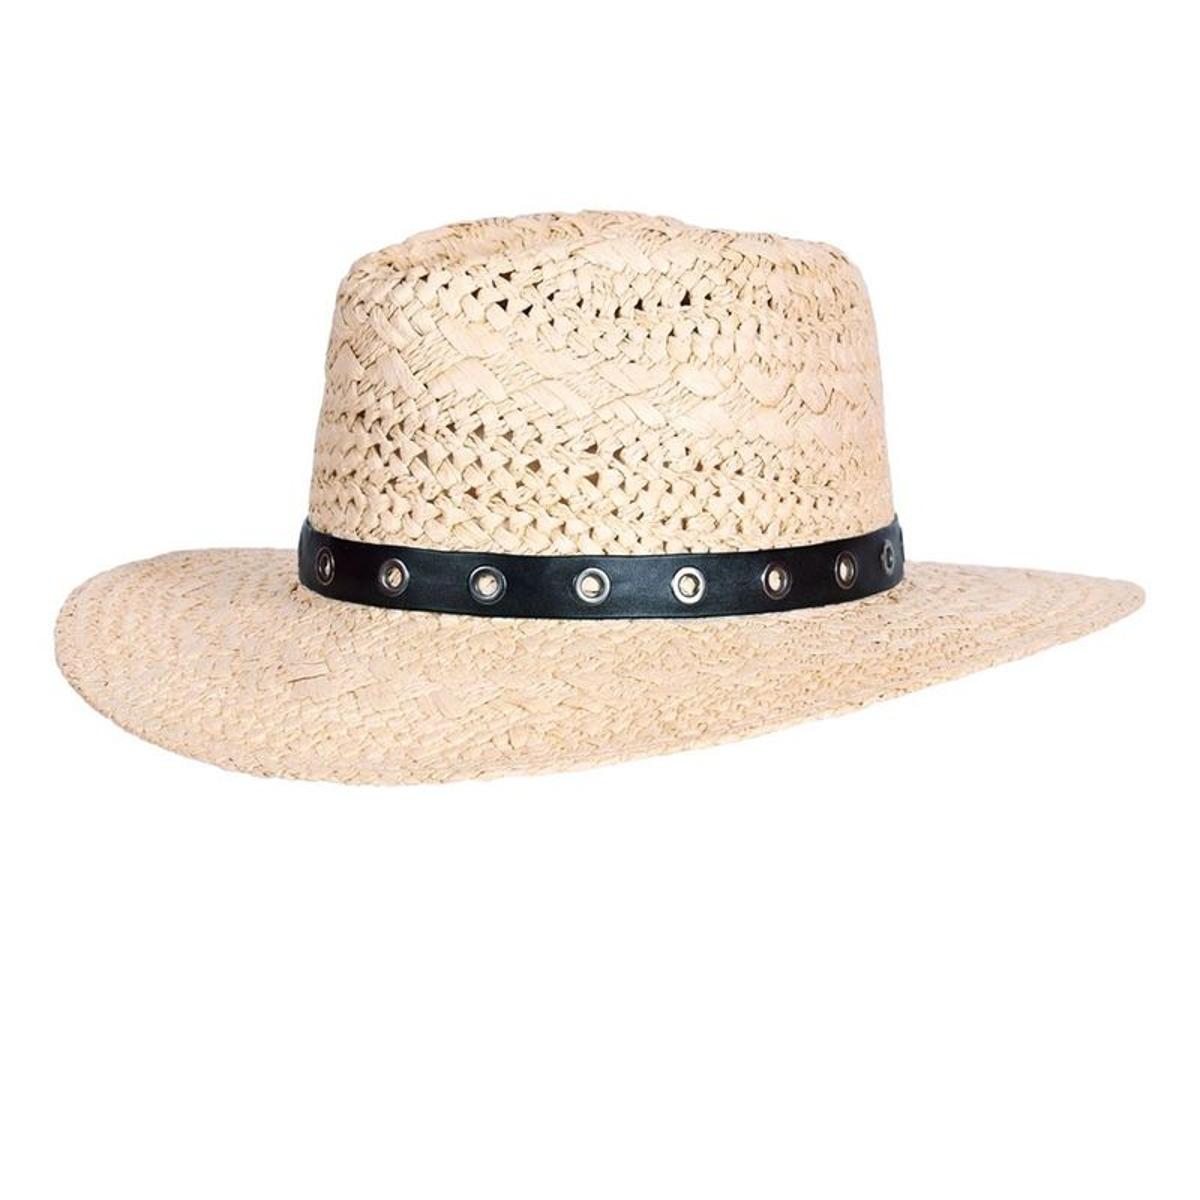 Chapeau de paille Viguia - Taille réglable